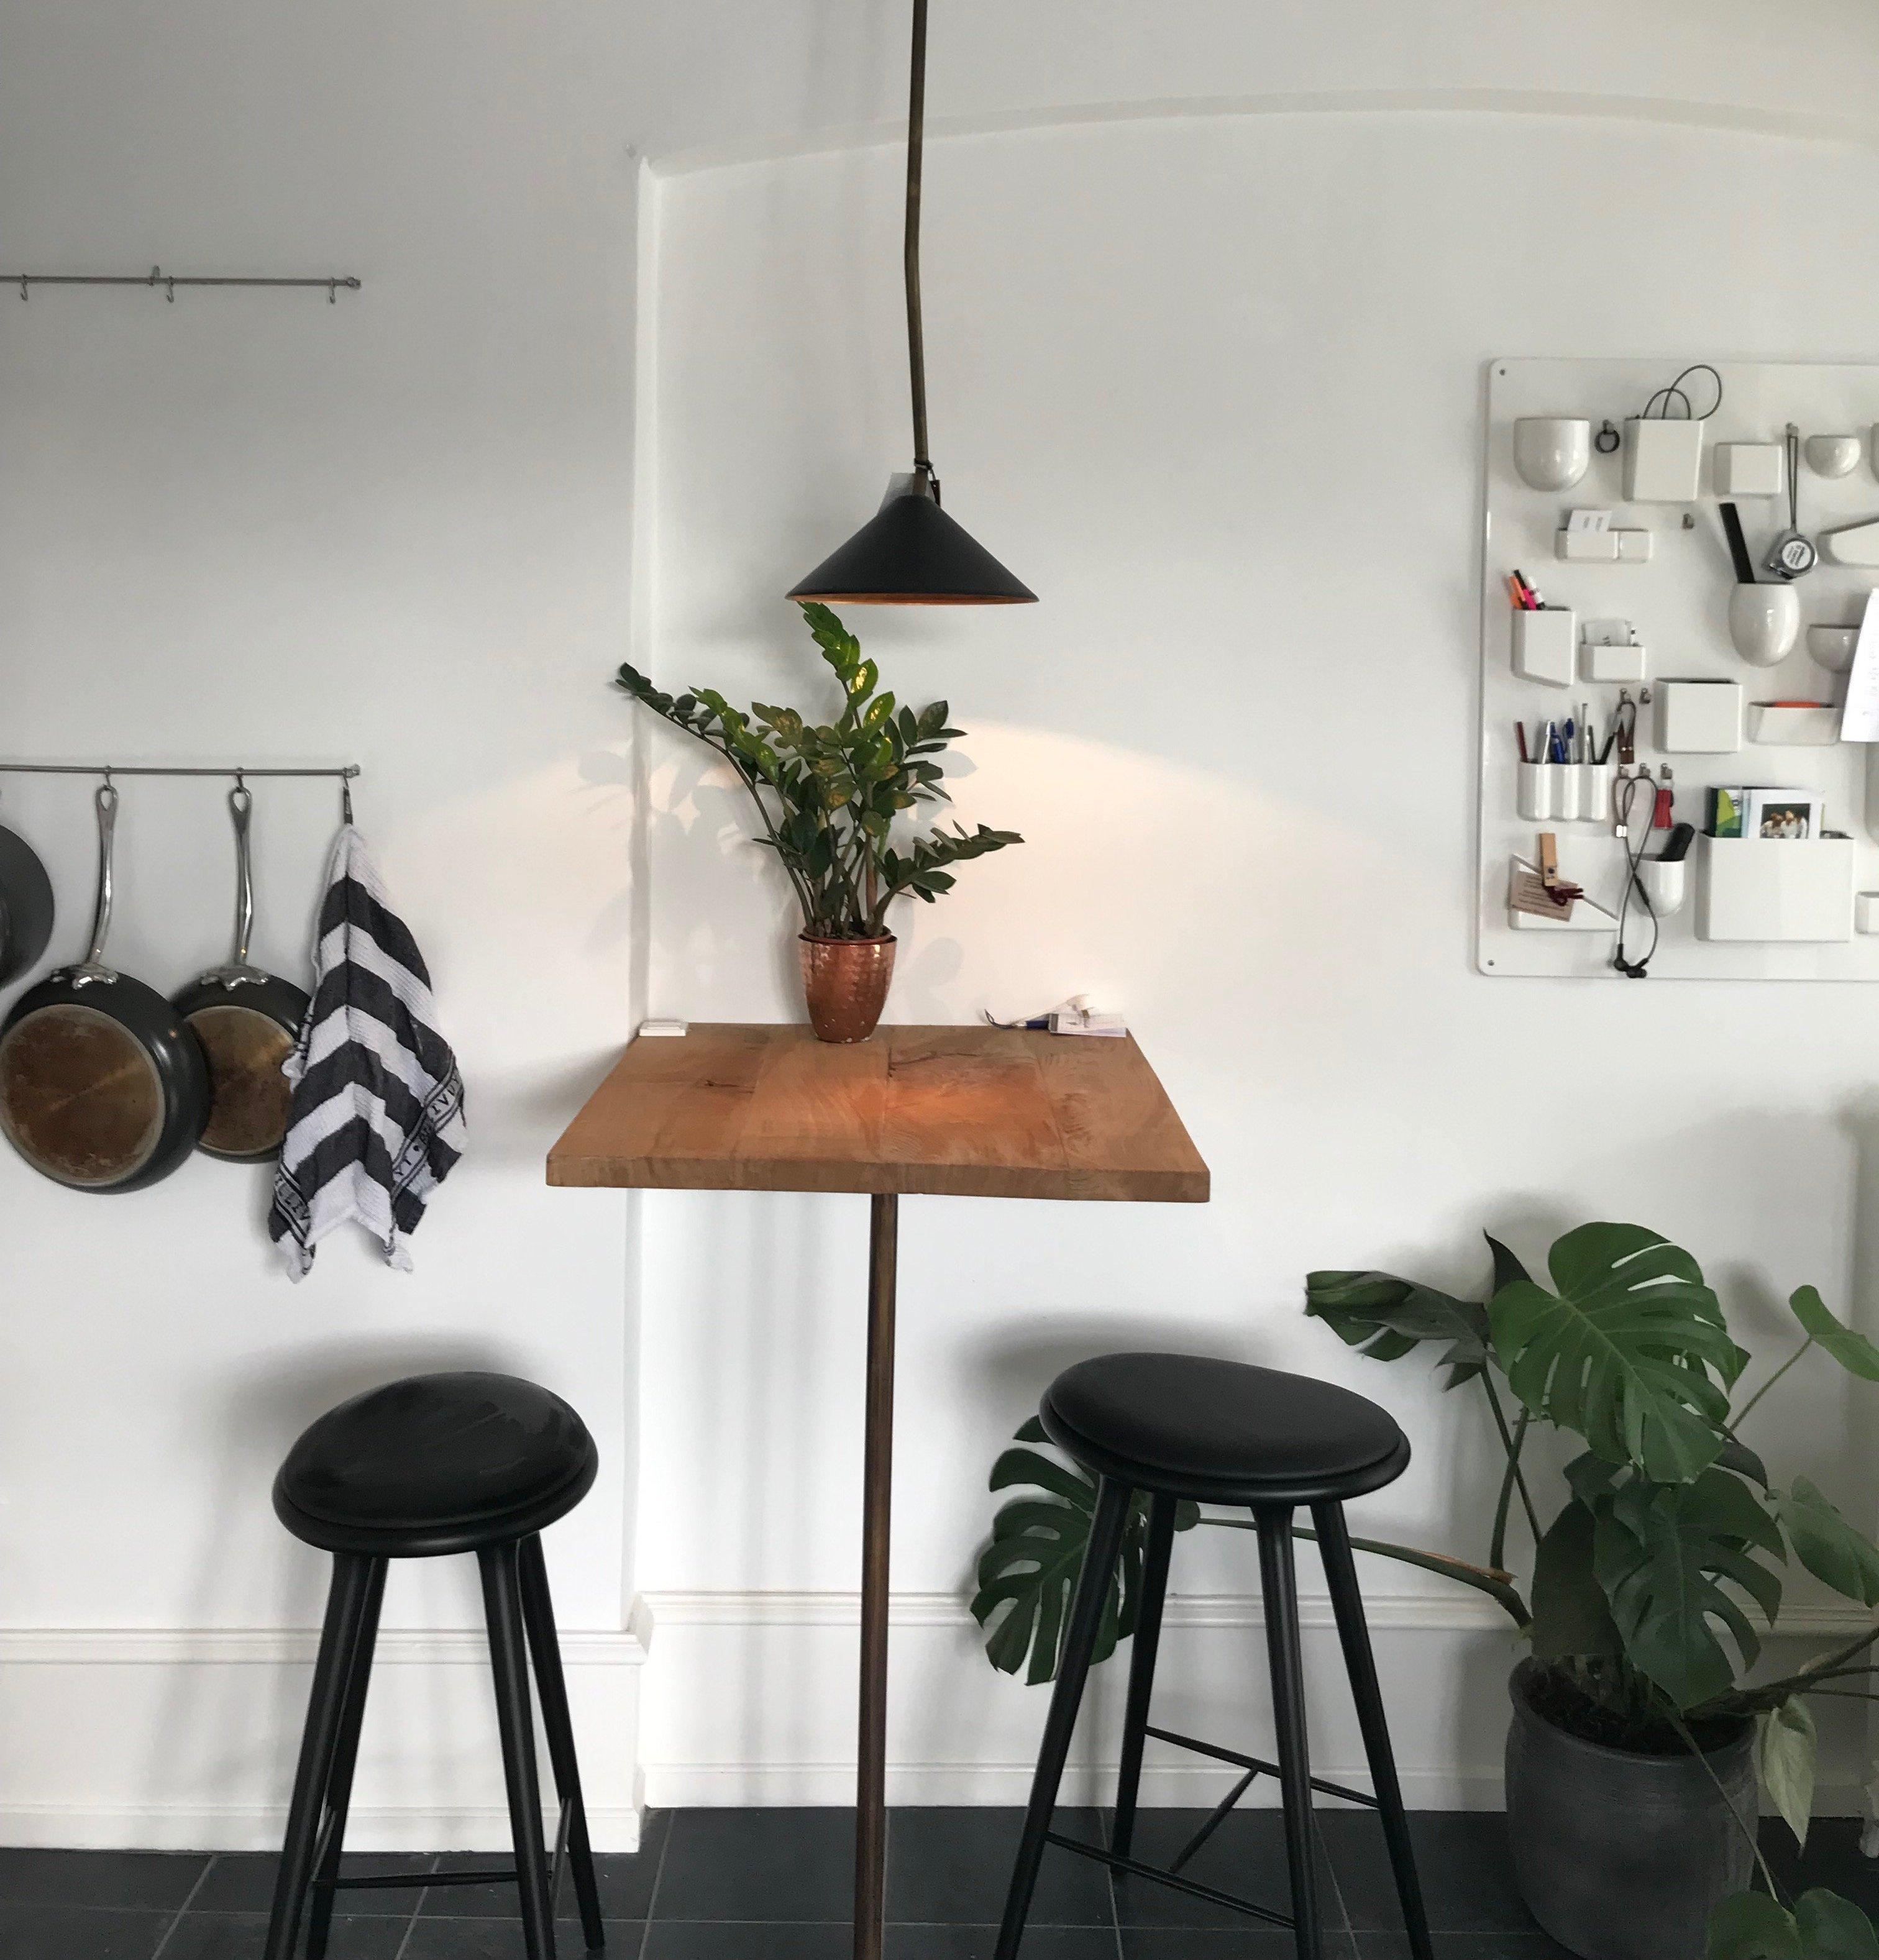 Hyggelig siddeplads i køkkenet